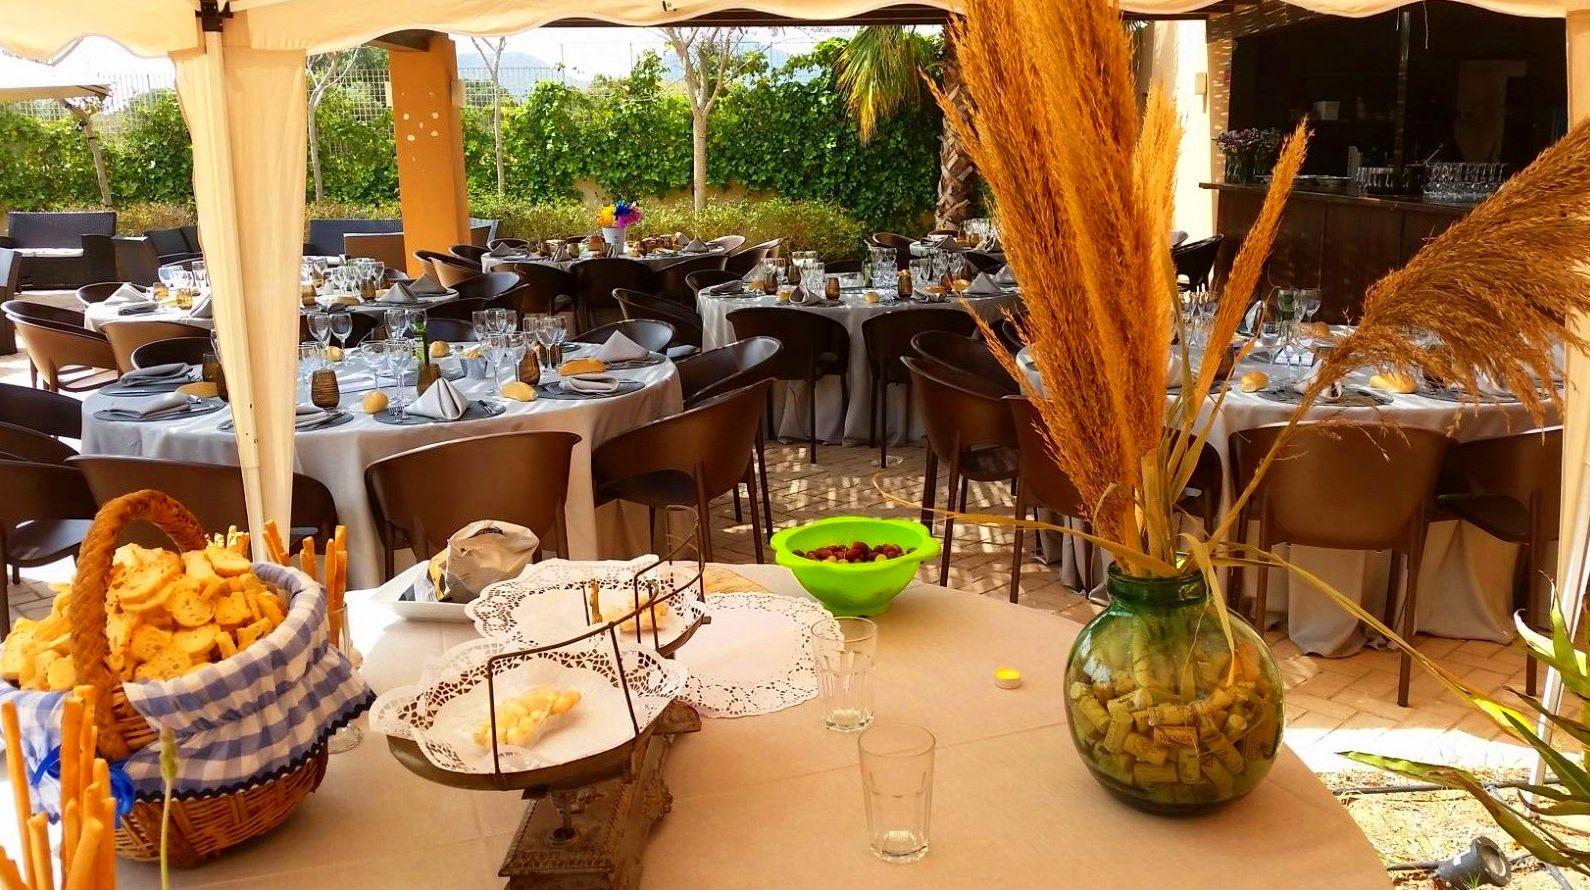 Foto 4 de Alquiler de sillas, mesas y menaje en El Palmar | Mantelería & Menaje